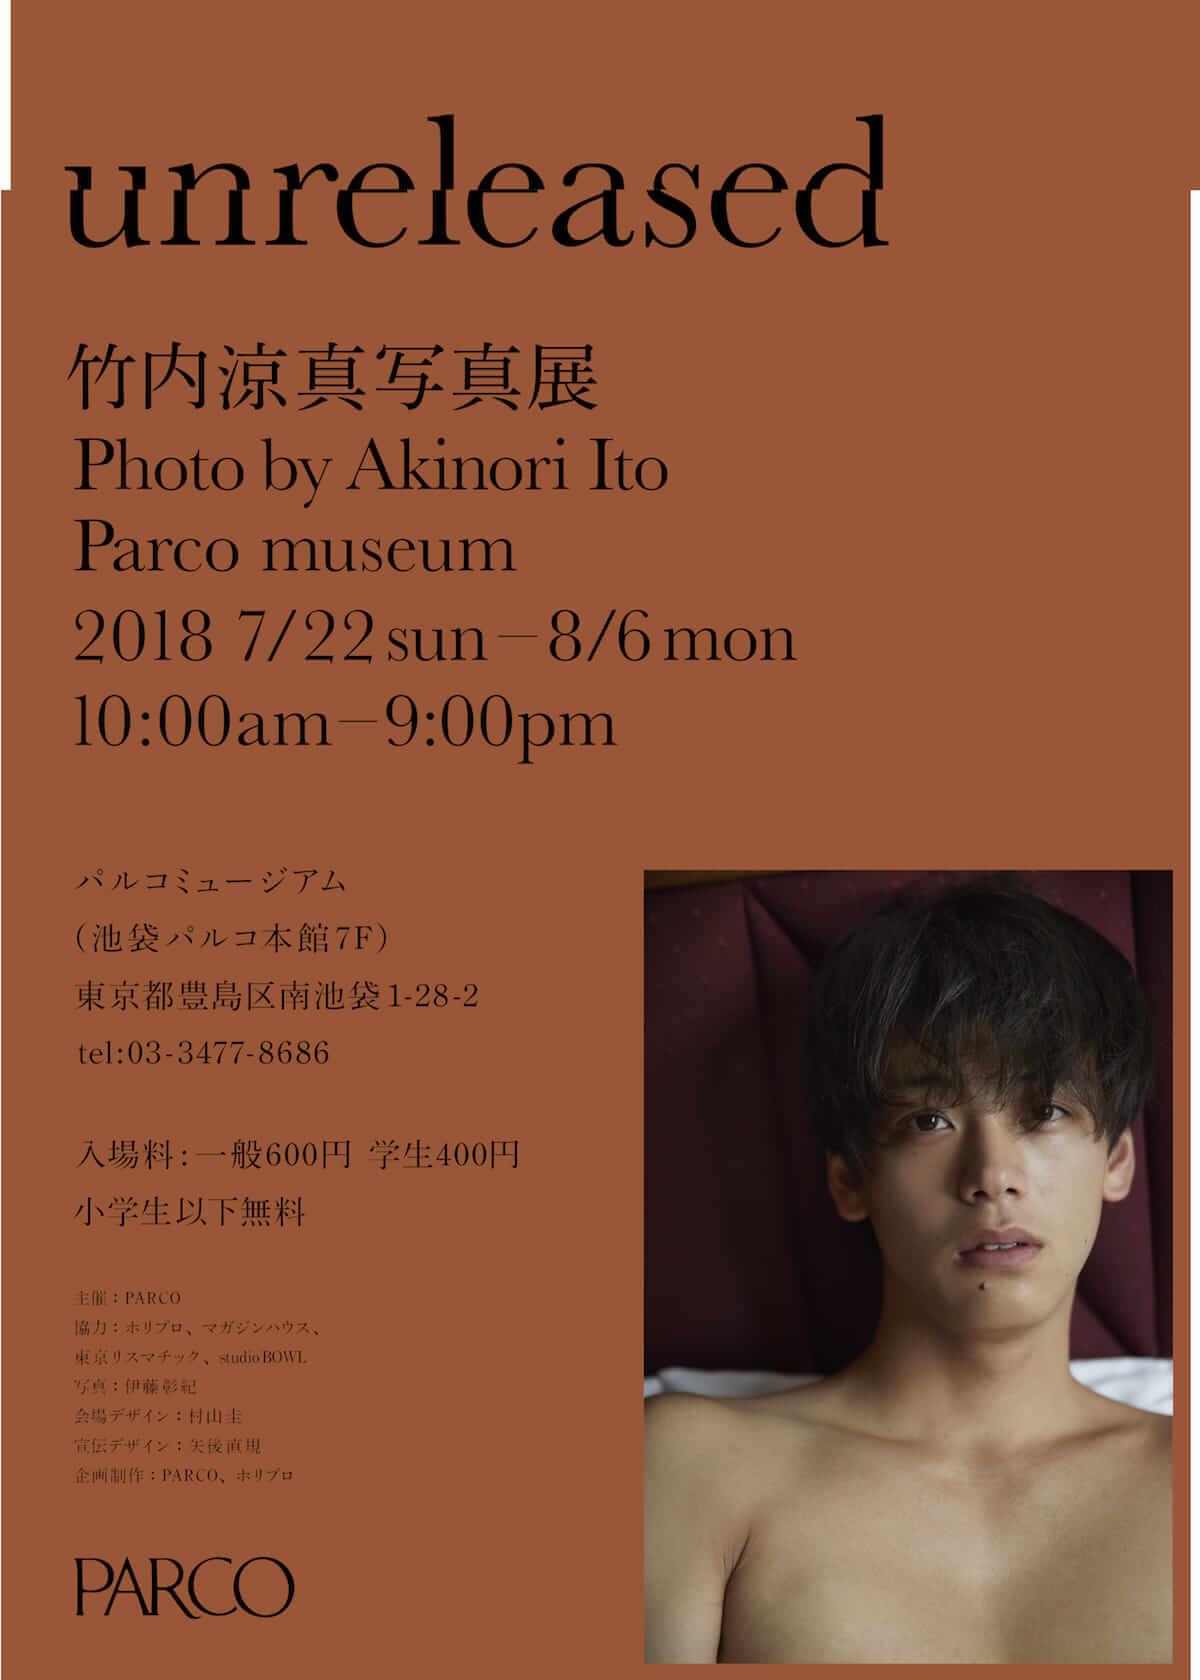 竹内涼真、初写真展開催!竹内涼真写真集『Ryoma Takeuchi』未収録カットだけで構成 art180630_takeuchiryoma_1-1200x1680